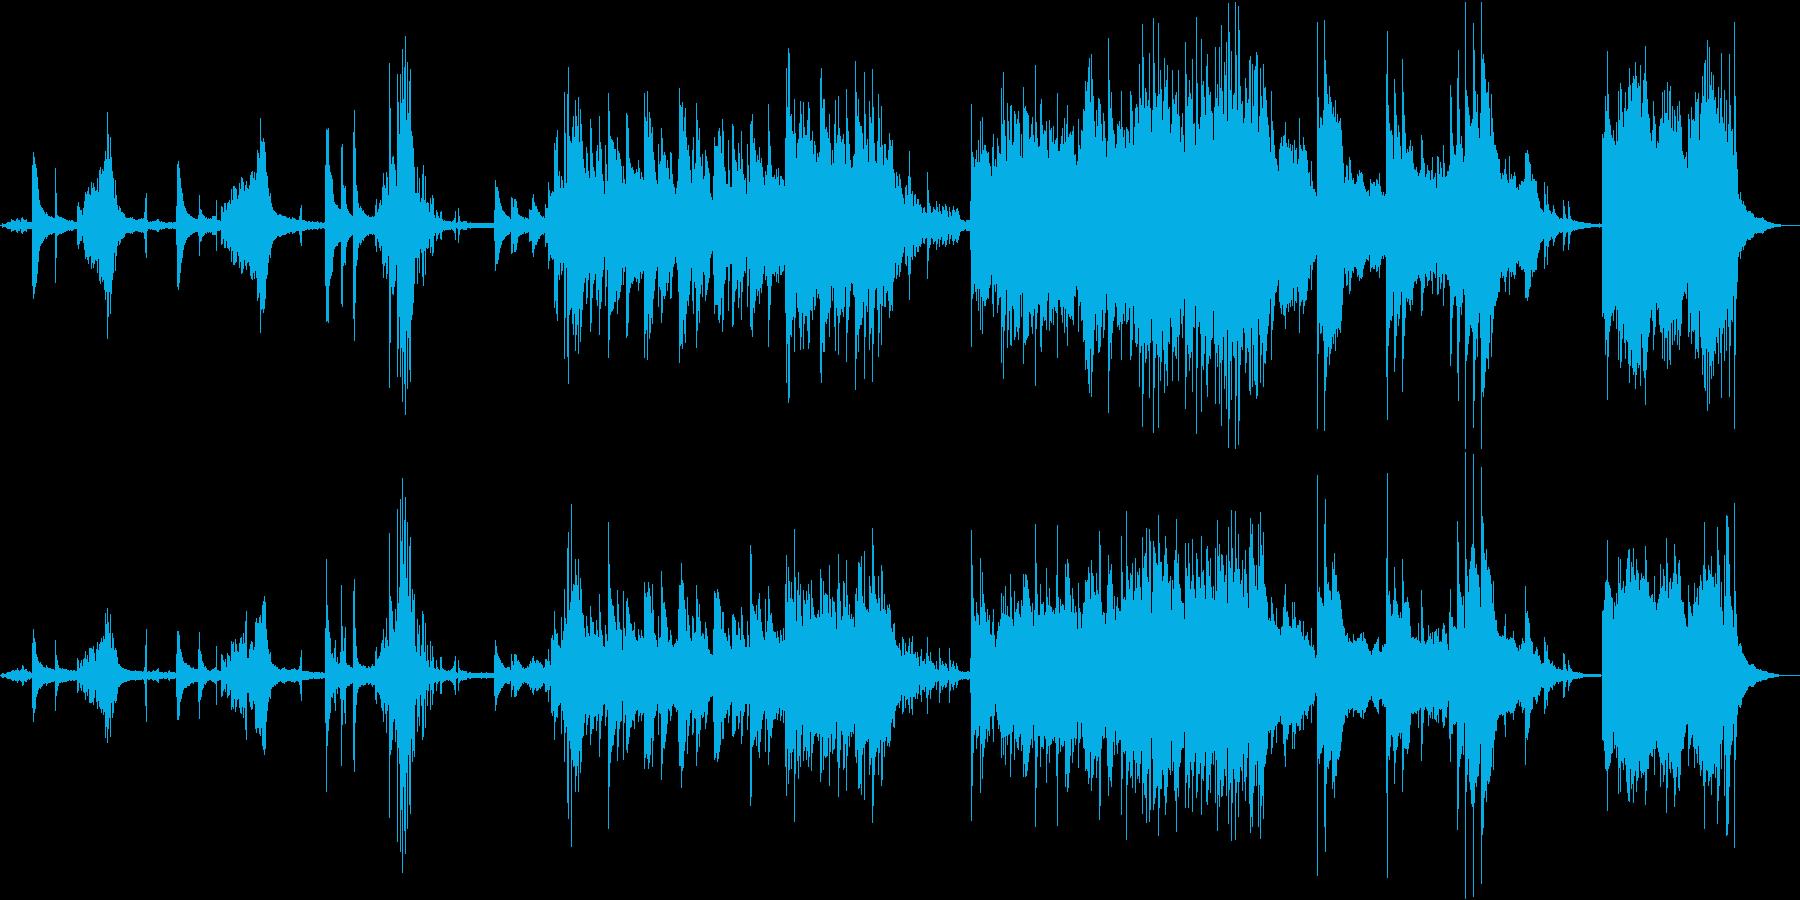 綺麗で感動的なハッピーピアノストリングスの再生済みの波形